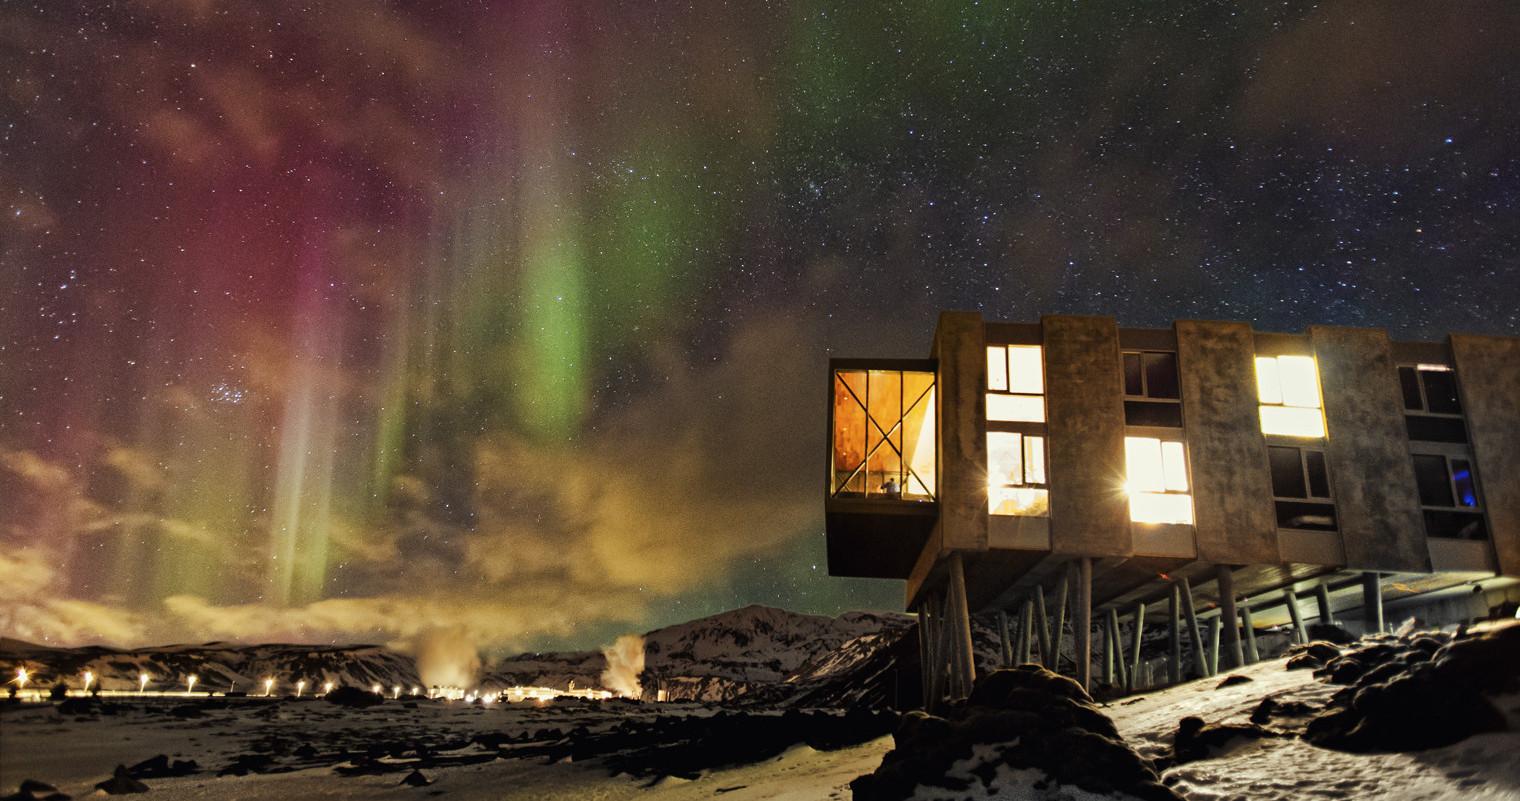 lujo aventura hielo y fuego ion hotel en islandia. Black Bedroom Furniture Sets. Home Design Ideas